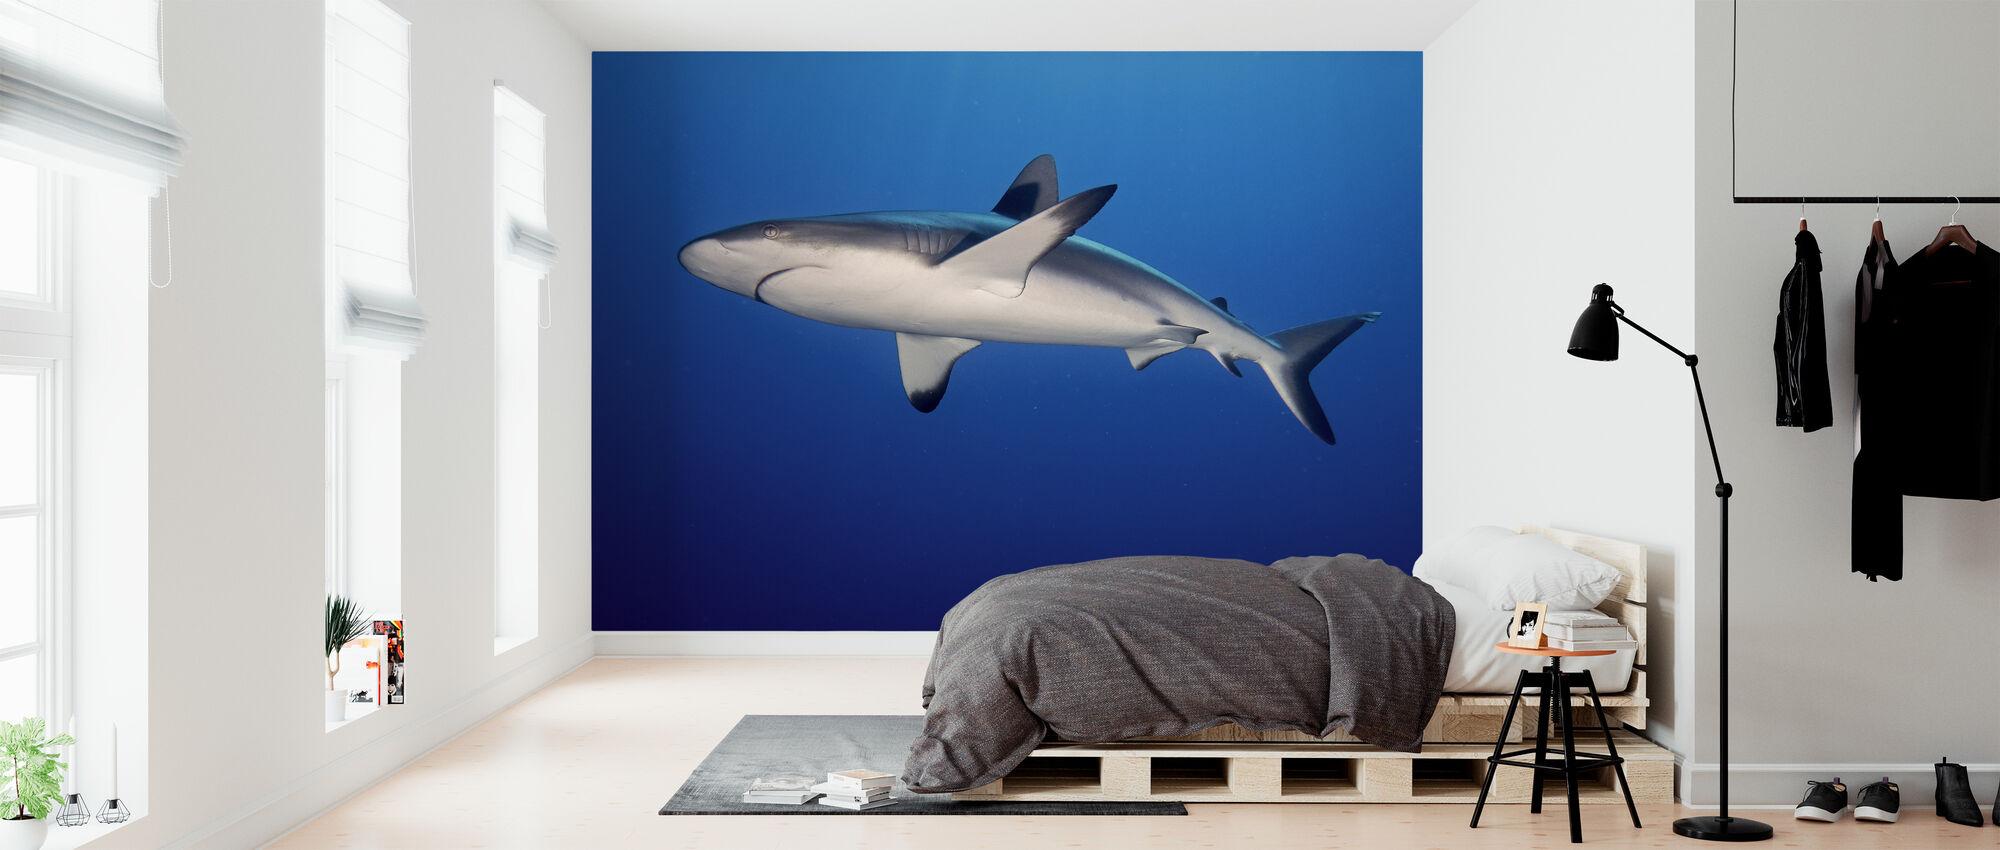 Grey Reef Shark - Wallpaper - Bedroom